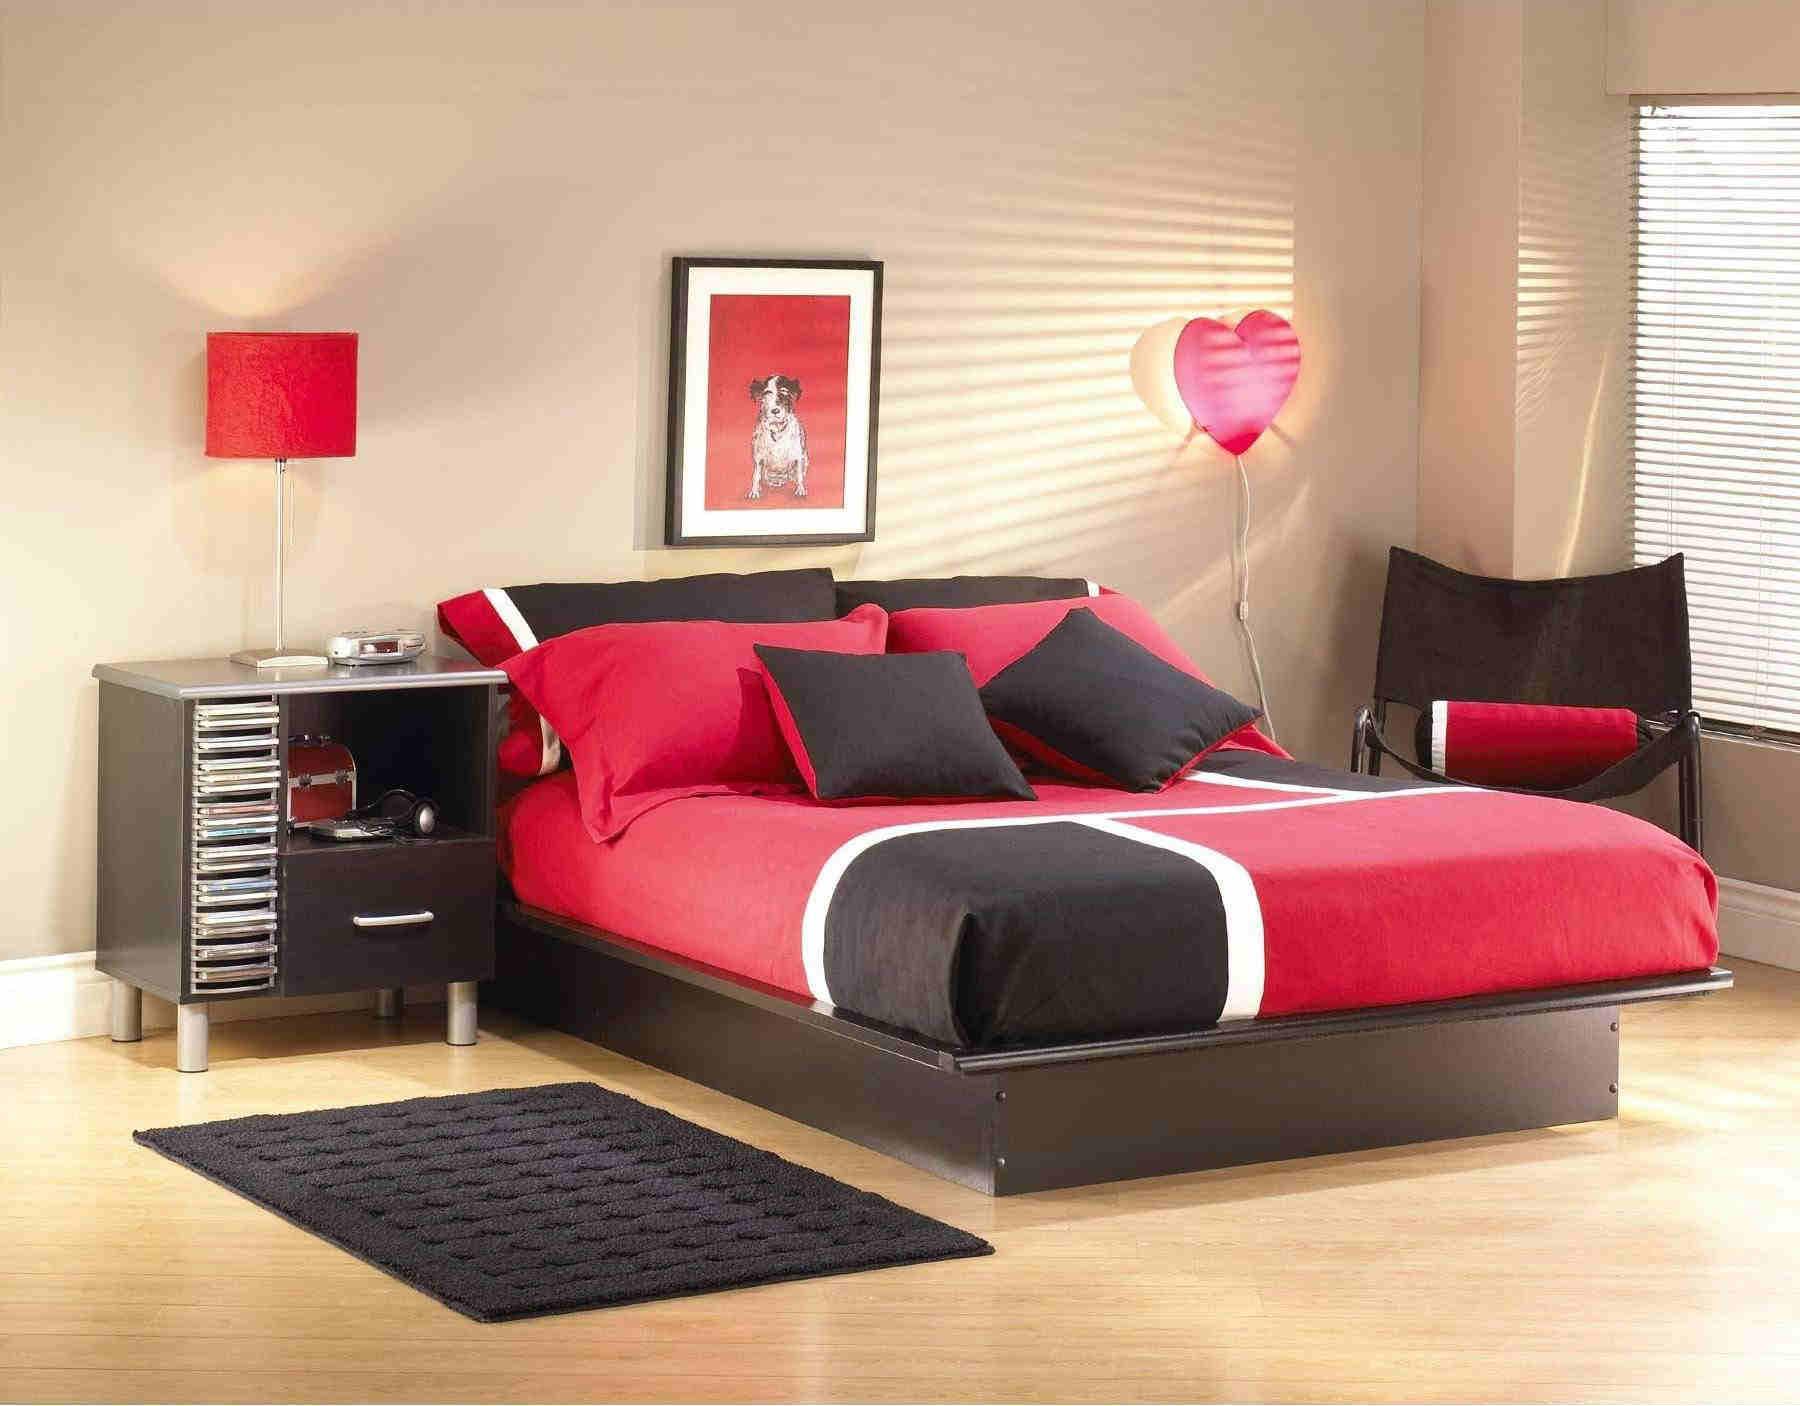 Картинки для спальни фото